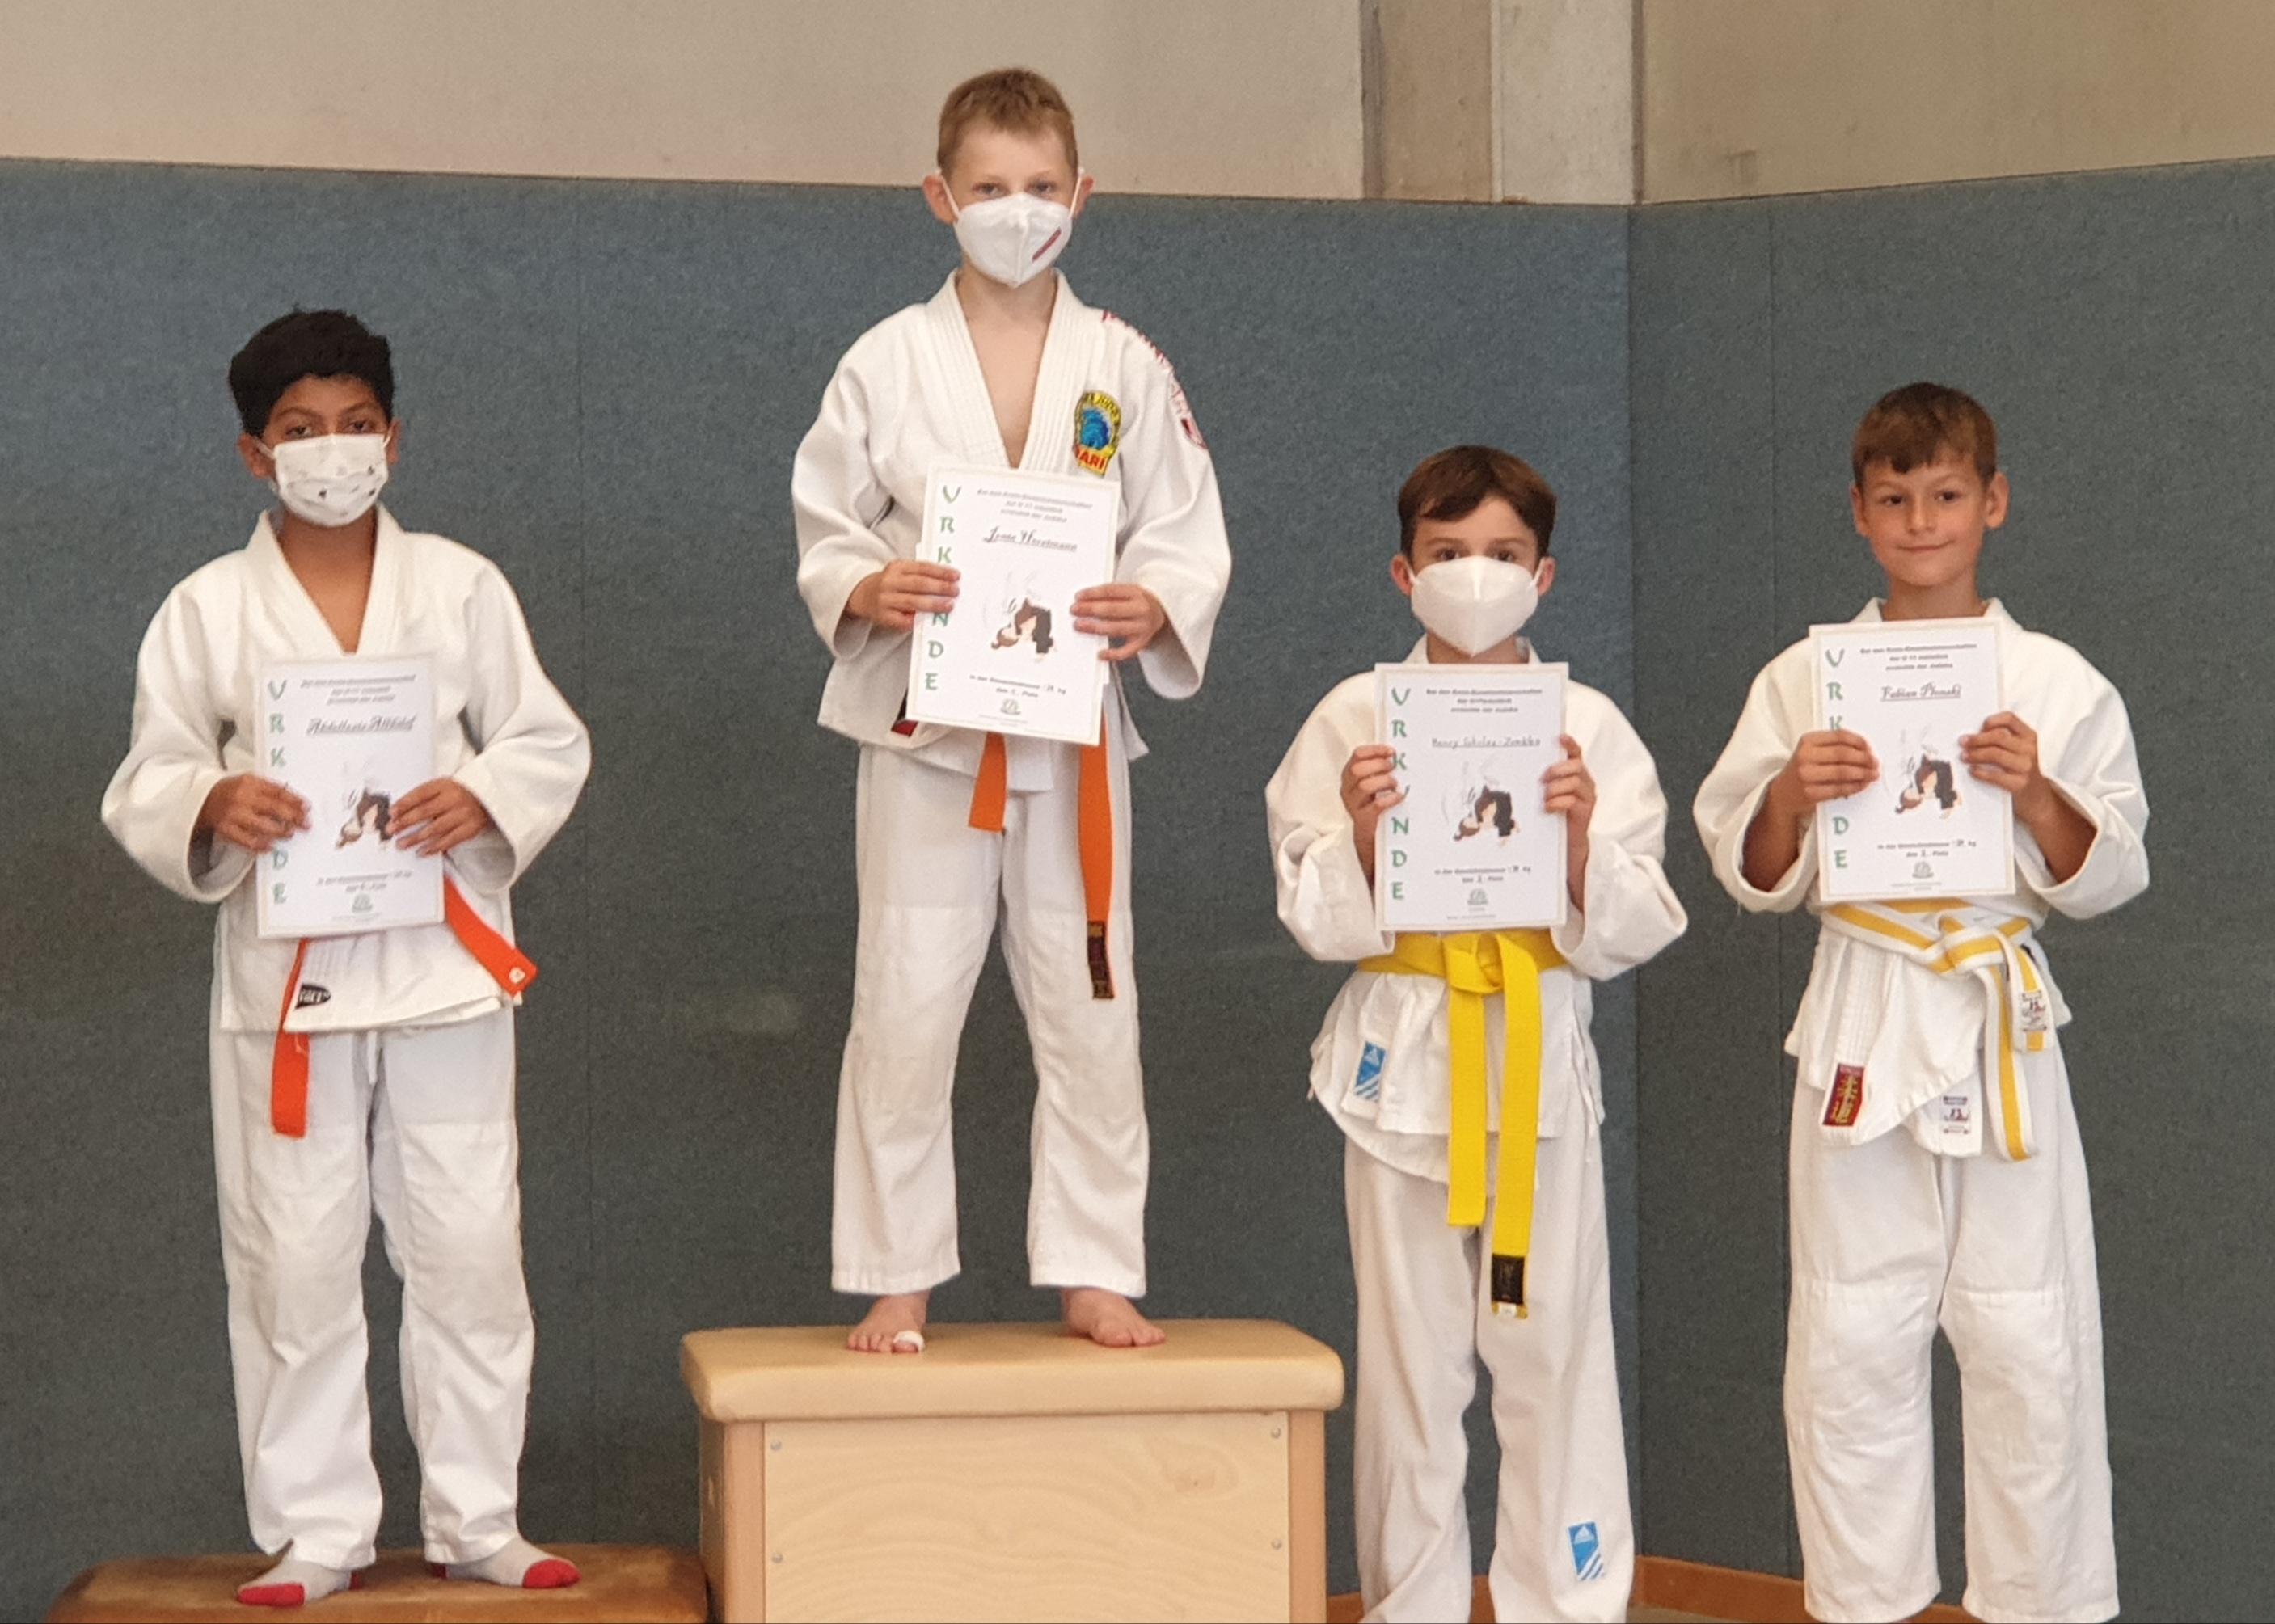 judo-treppchenfoto